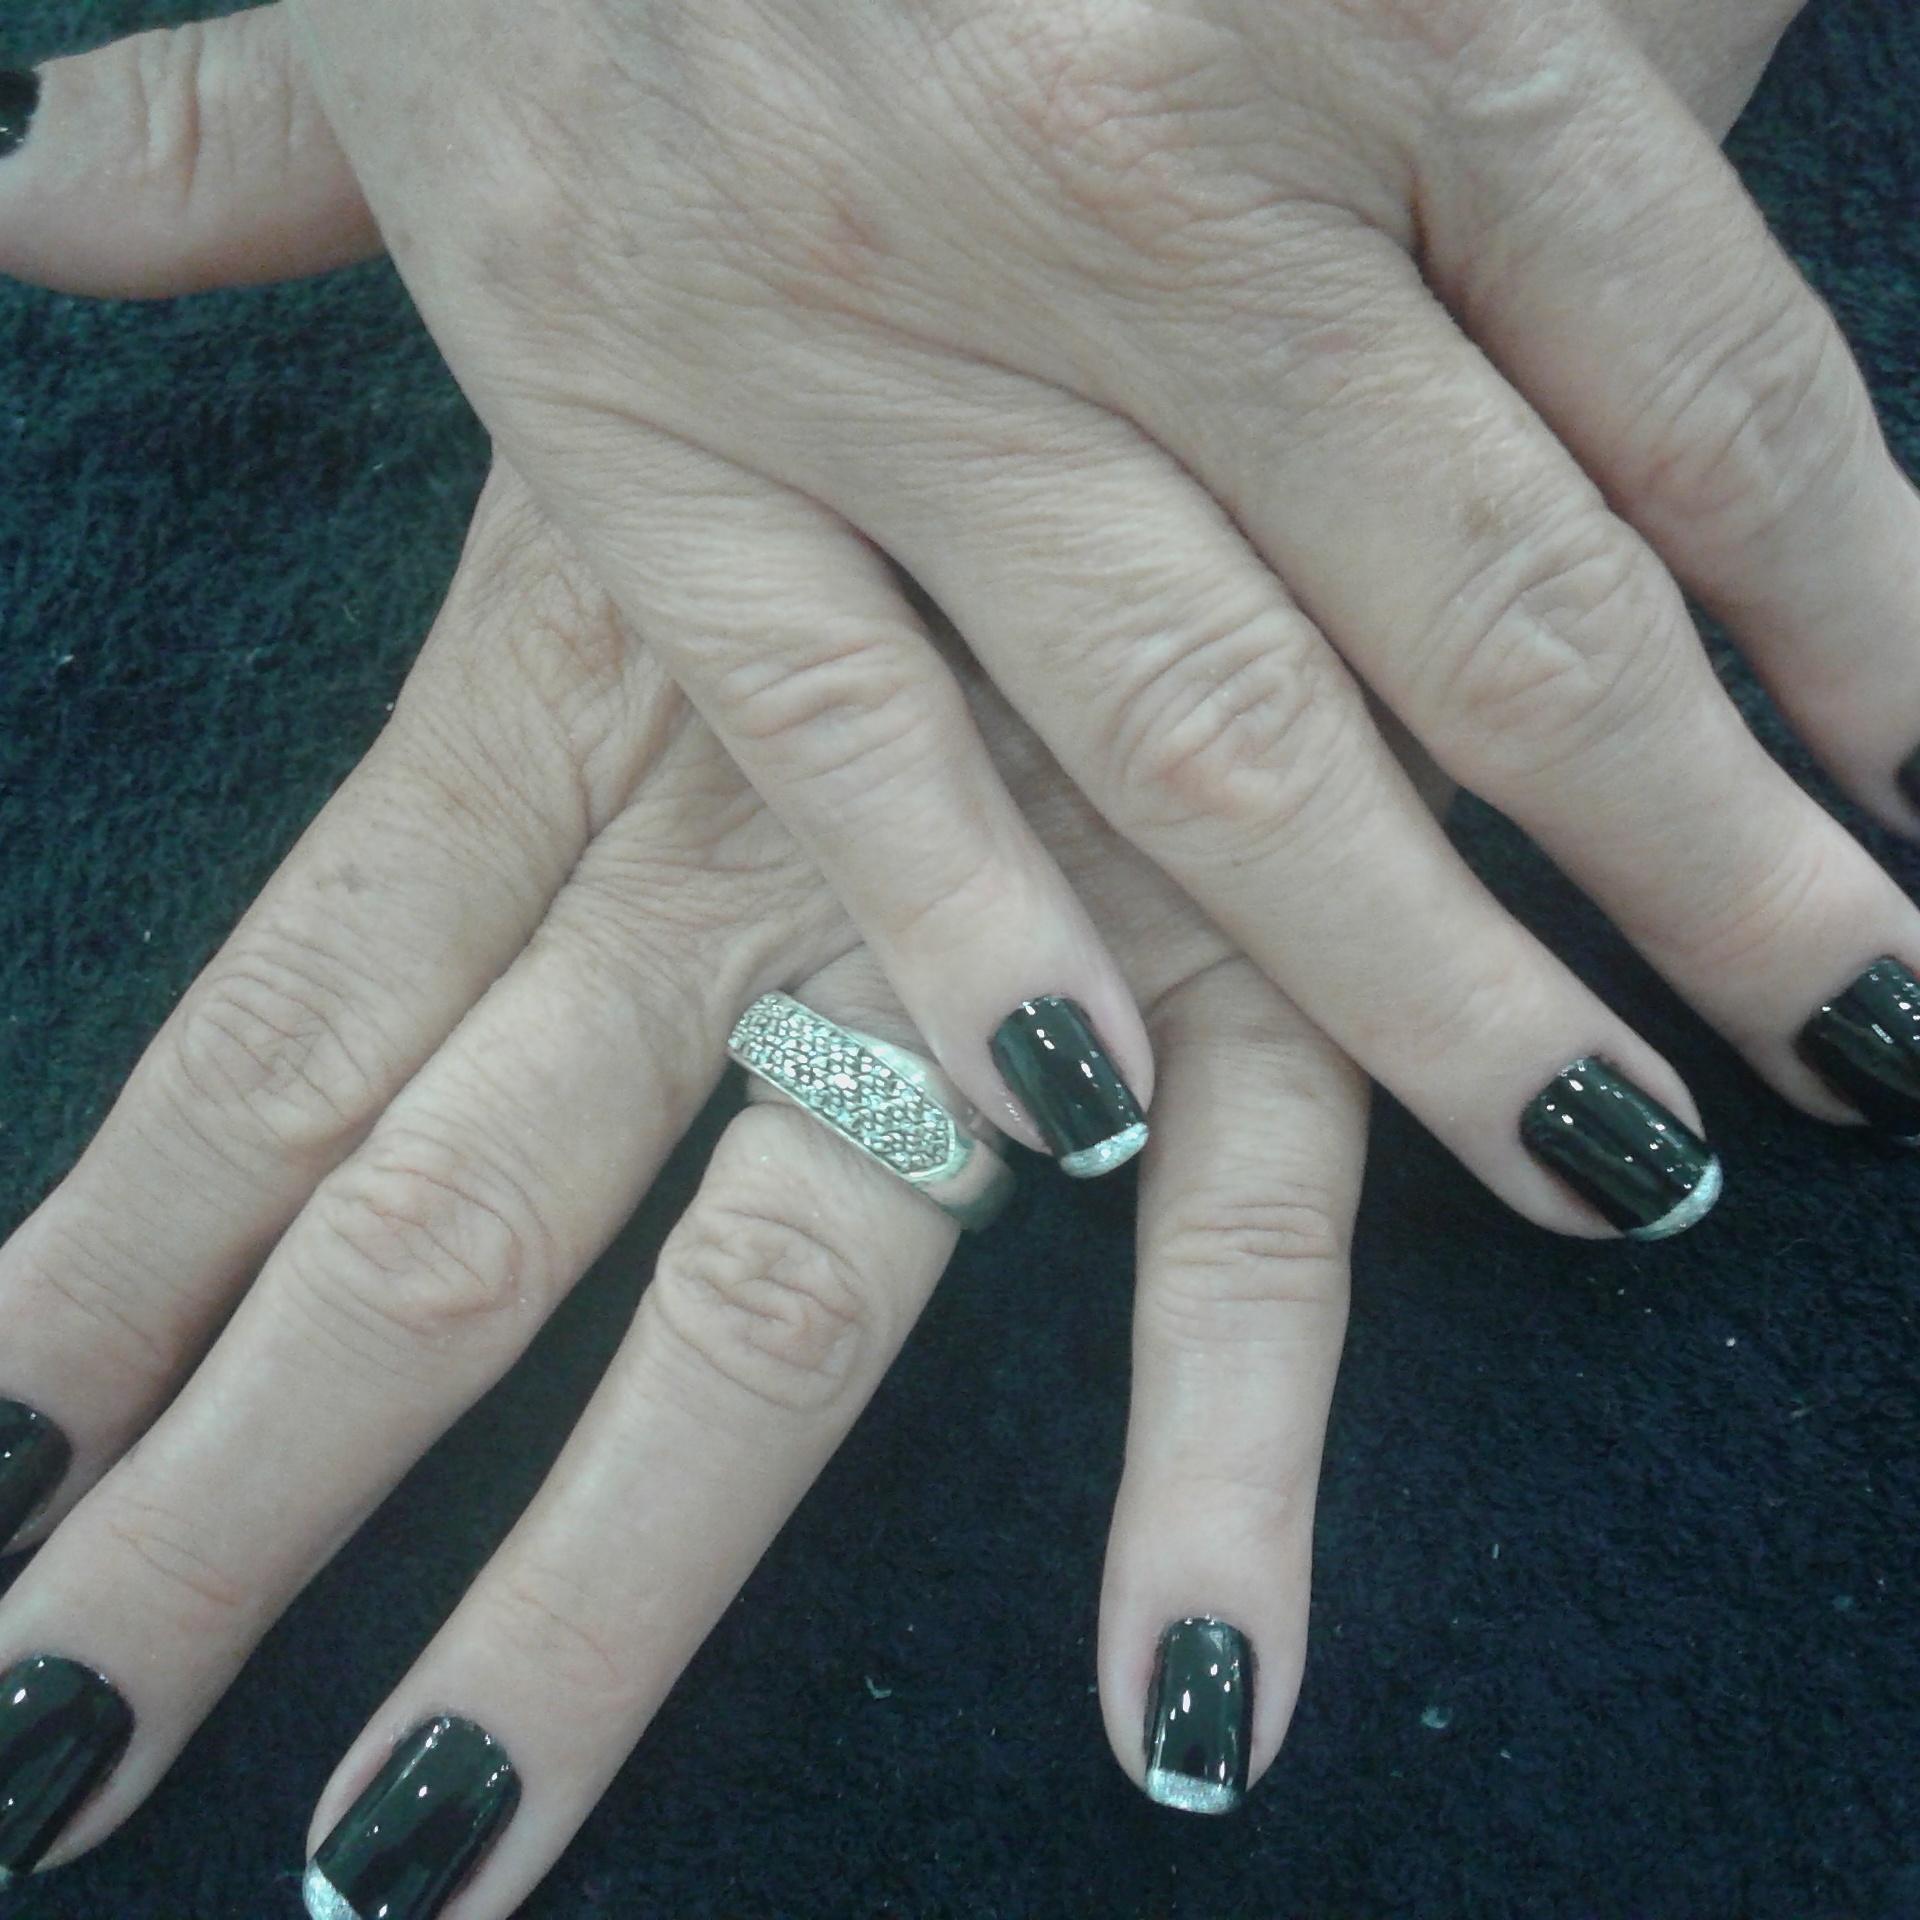 Black da colorama com francesinha na ponta prata ..... unha manicure e pedicure